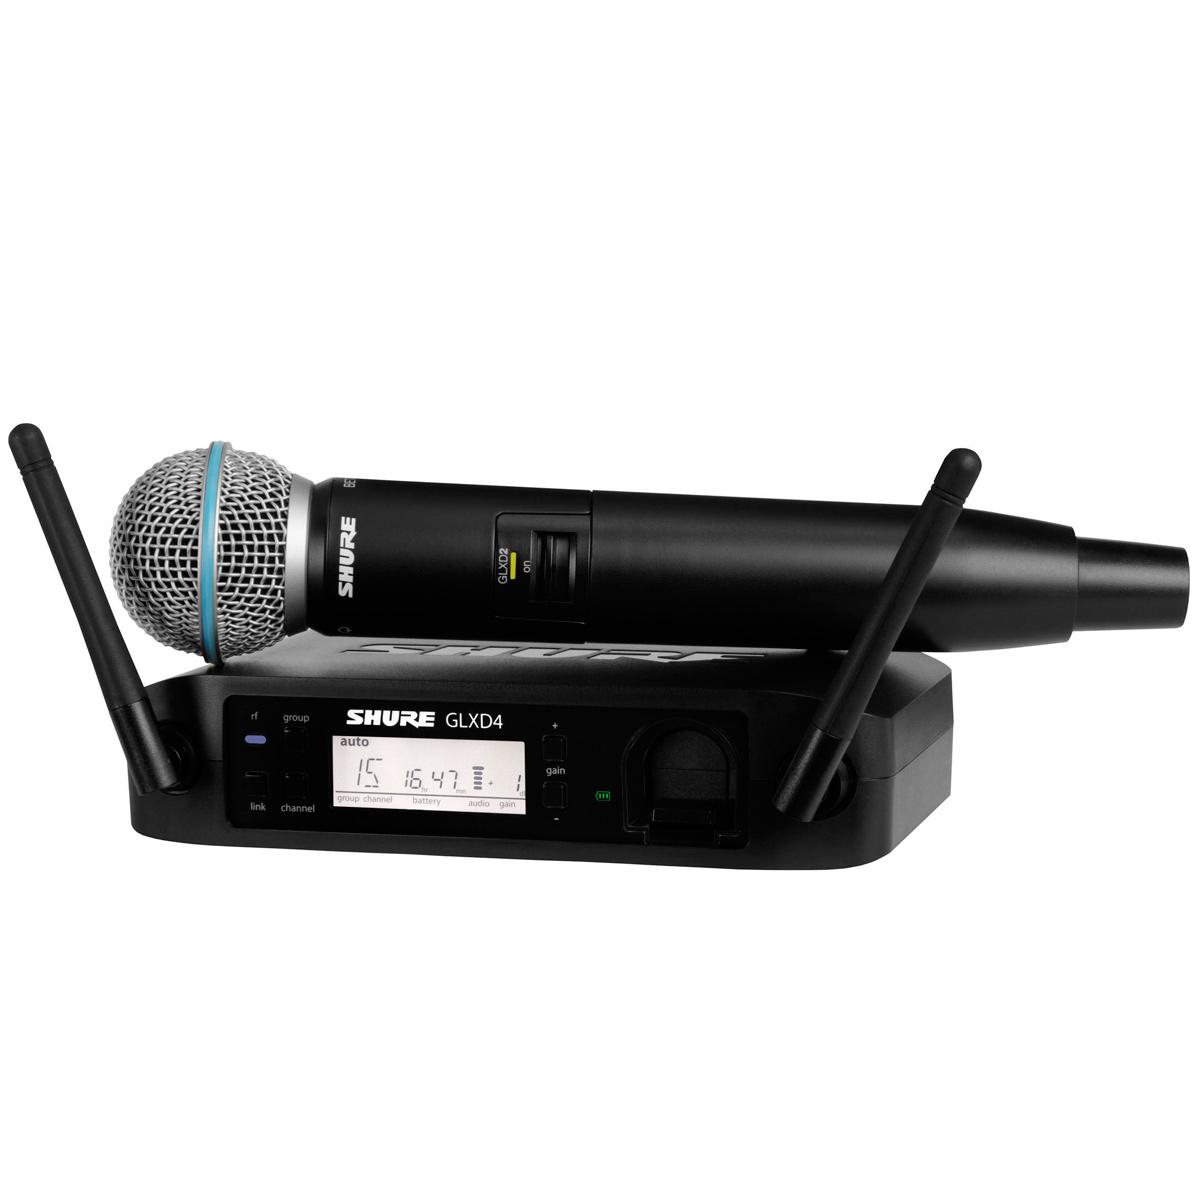 GLXD24BRB58 - Microfone s/ Fio de M�o GLXD 24BR B58 - Shure